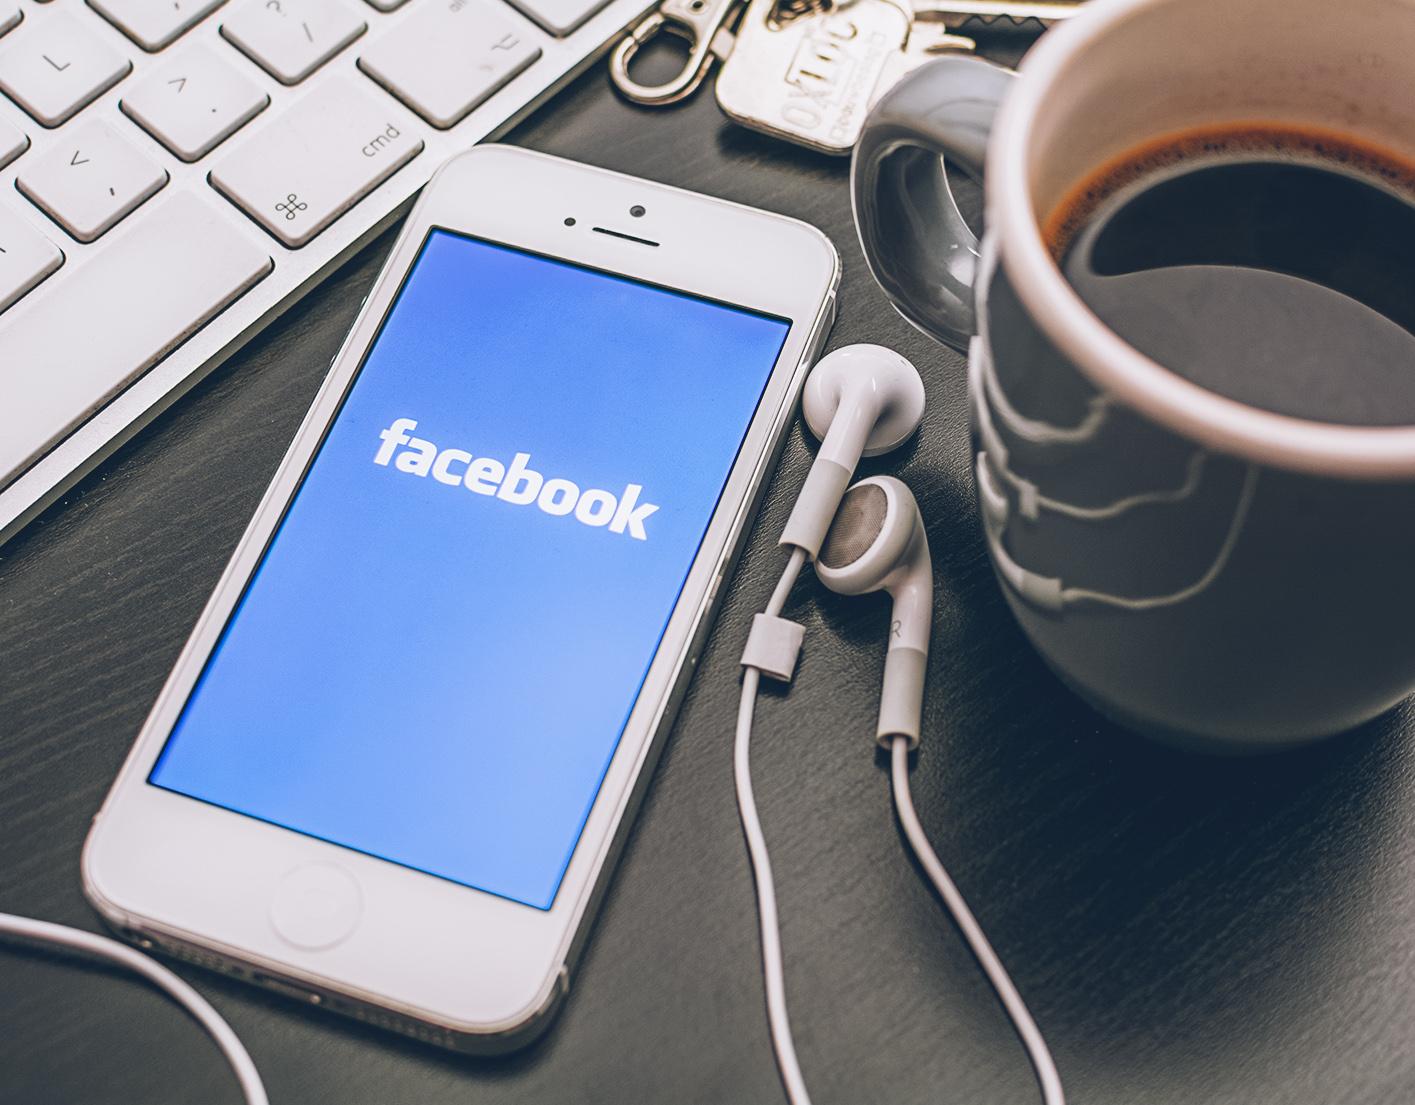 Fotos de trabajador en Facebook como causa de despido